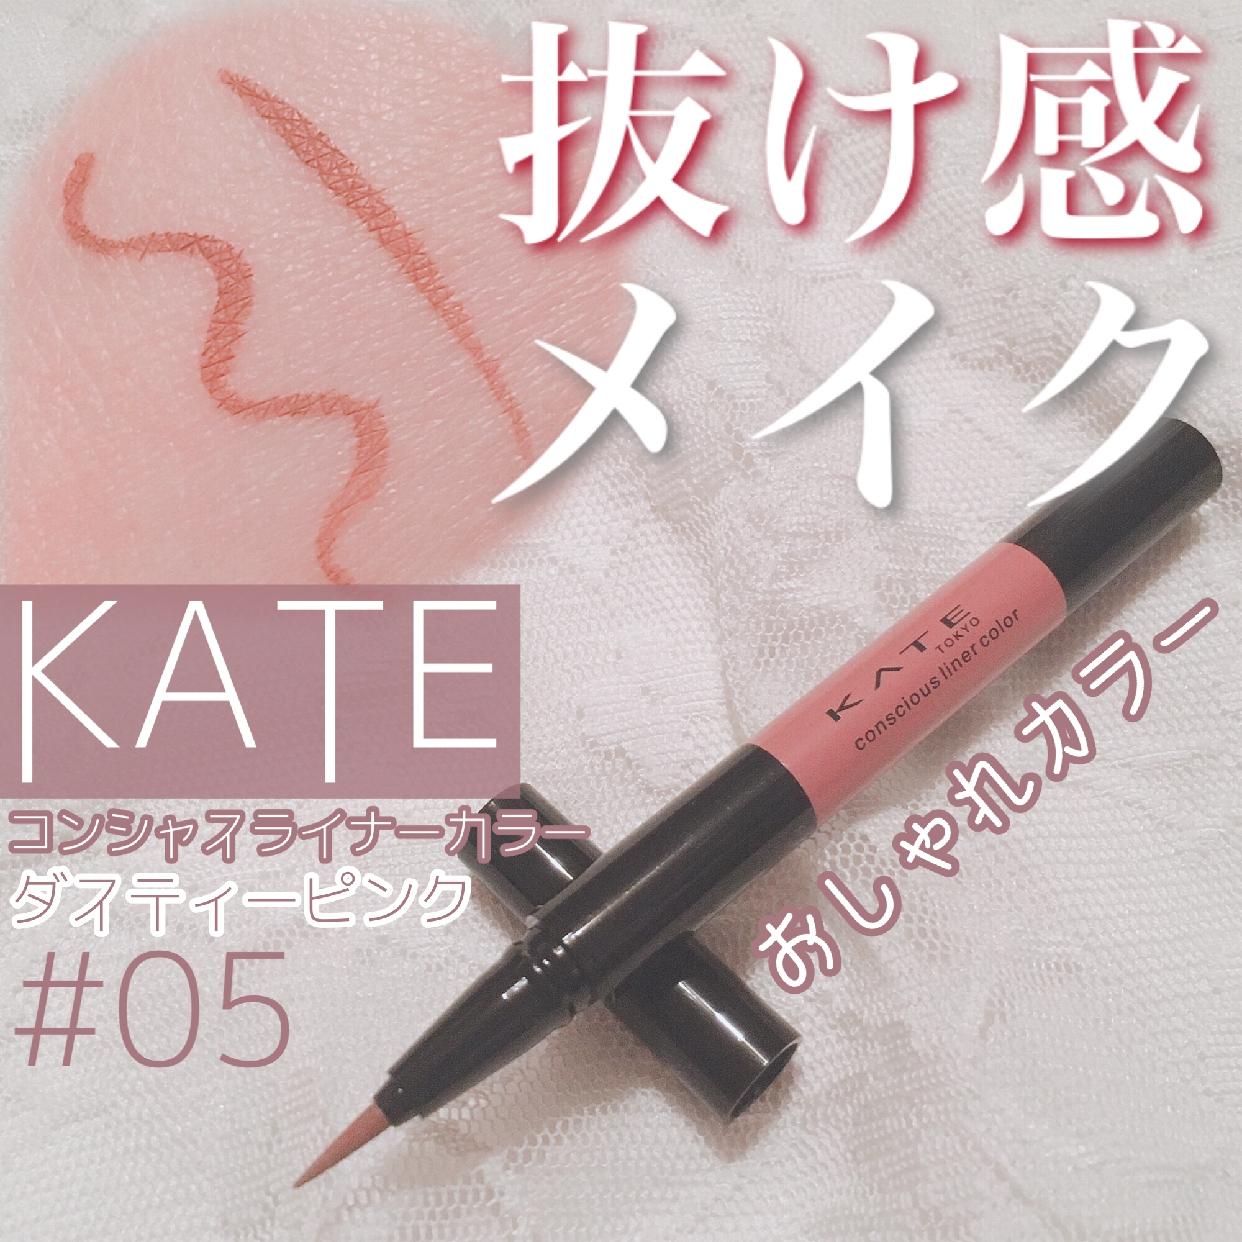 KATE(ケイト)コンシャスライナーカラーを使ったねるこさんのクチコミ画像